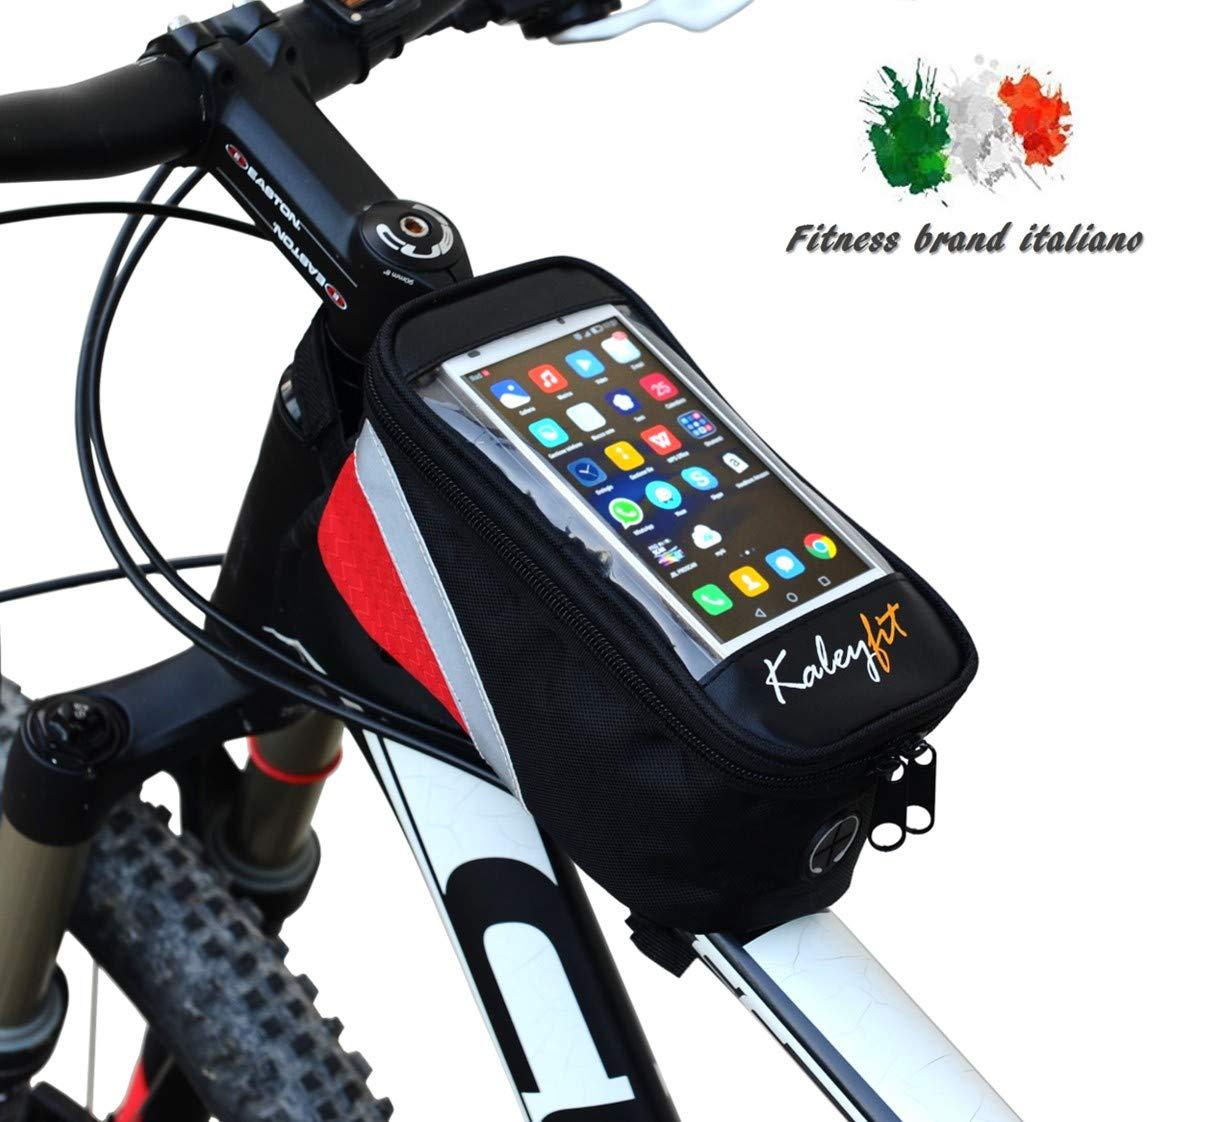 Uni Anteriore Bici Bicicletta Manubrio Borsa Impermeabile Borsa Cellulare IT